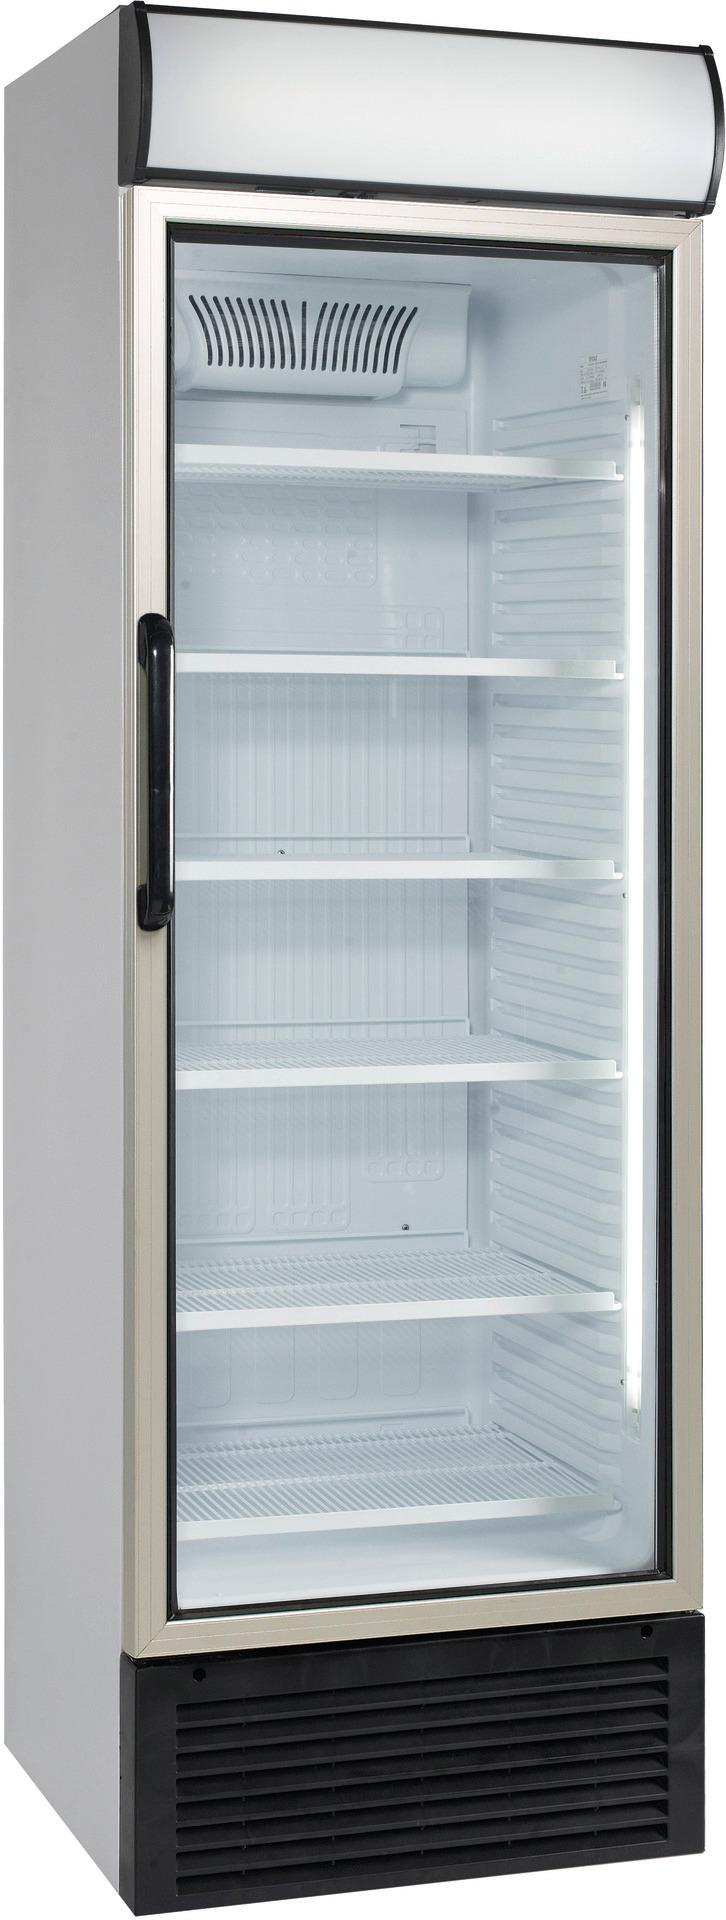 Umluft-Glastürkühlschrank mit Griff  438,00 l / mit Werbe-Display